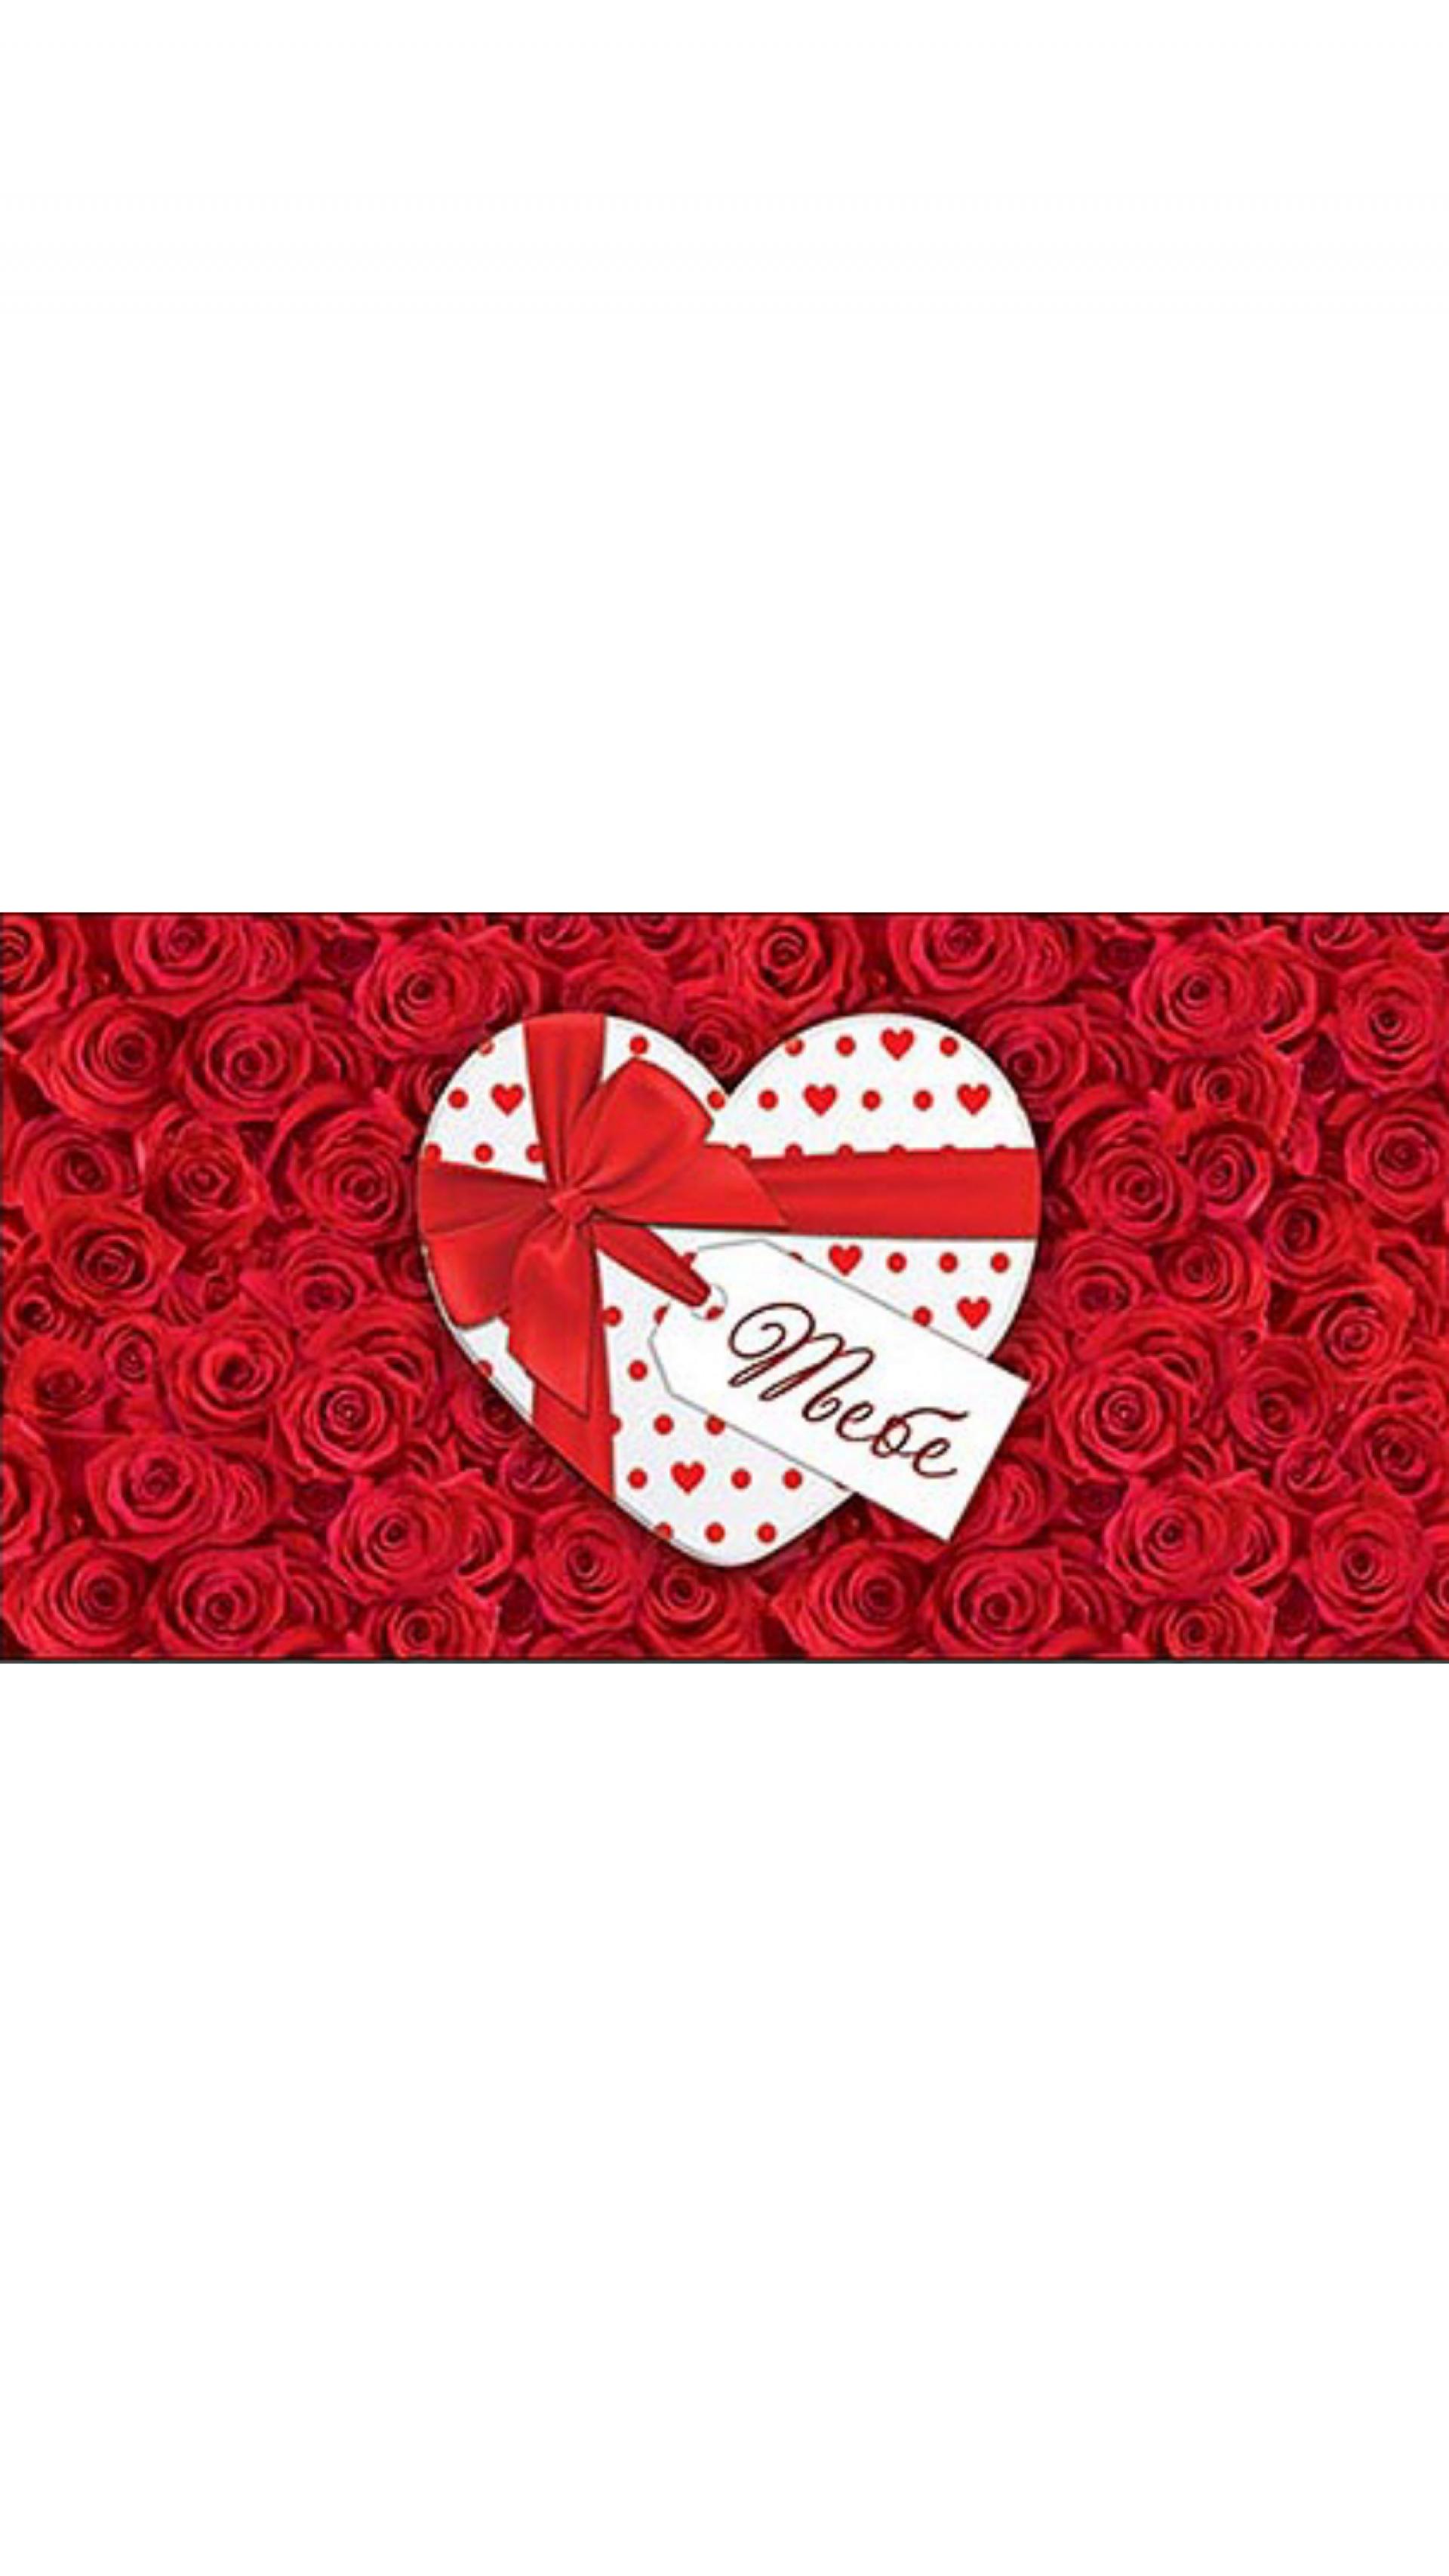 фон для конверта на свадьбу советуют положить вазу